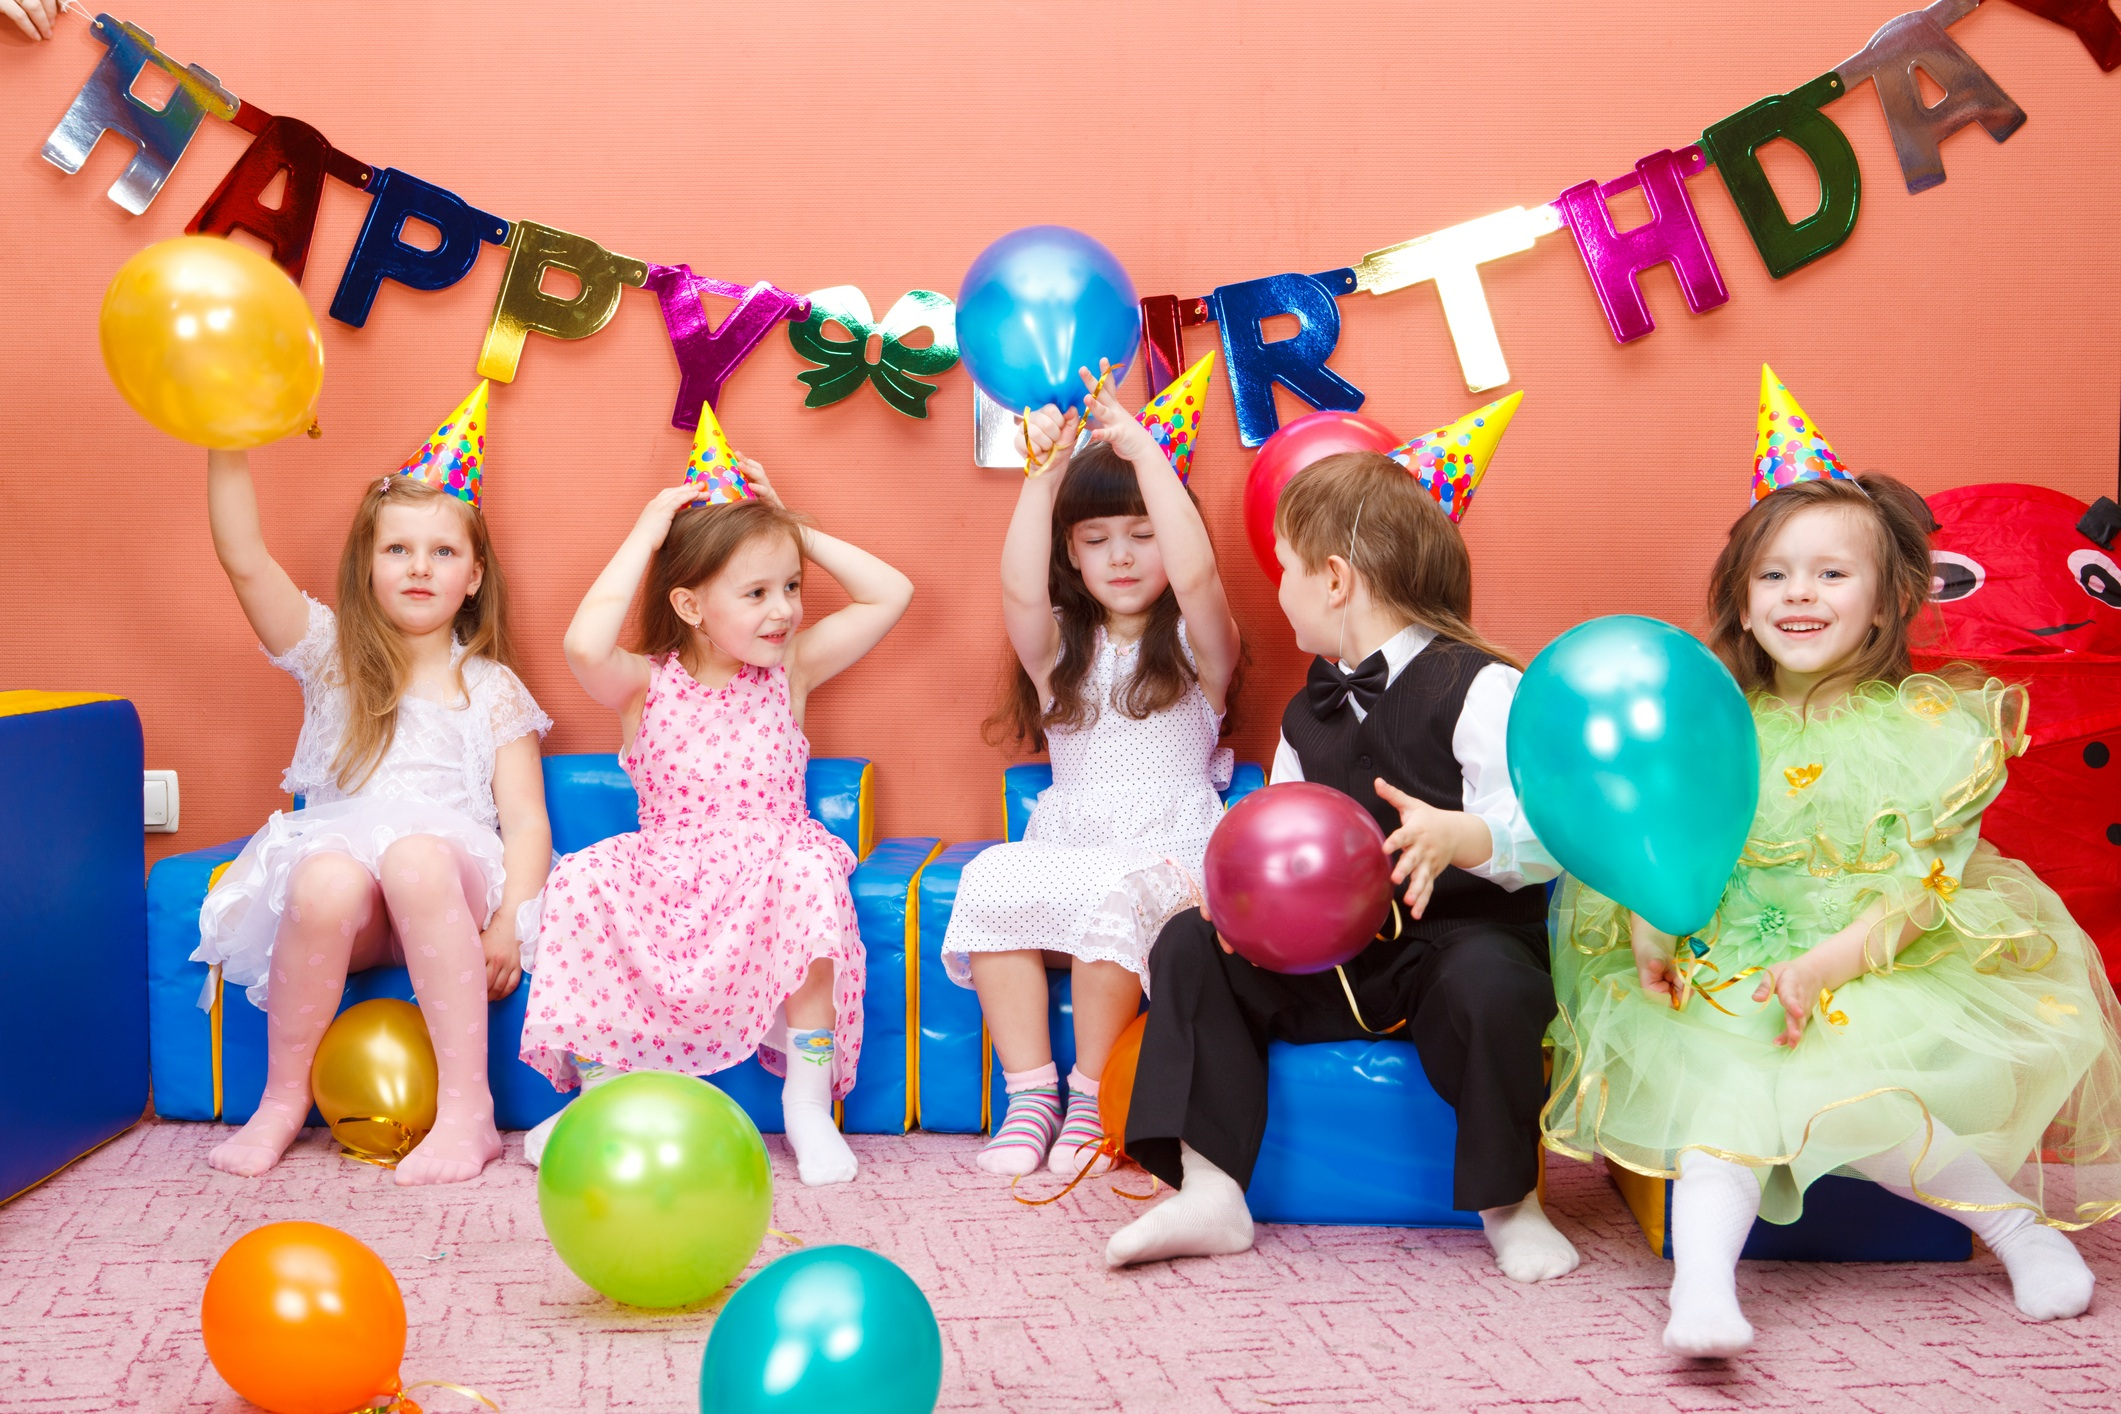 El Primer Cumpleanos De Tu Bebe Consejos Para Organizar La Fiesta - Preparativos-para-cumpleaos-infantil